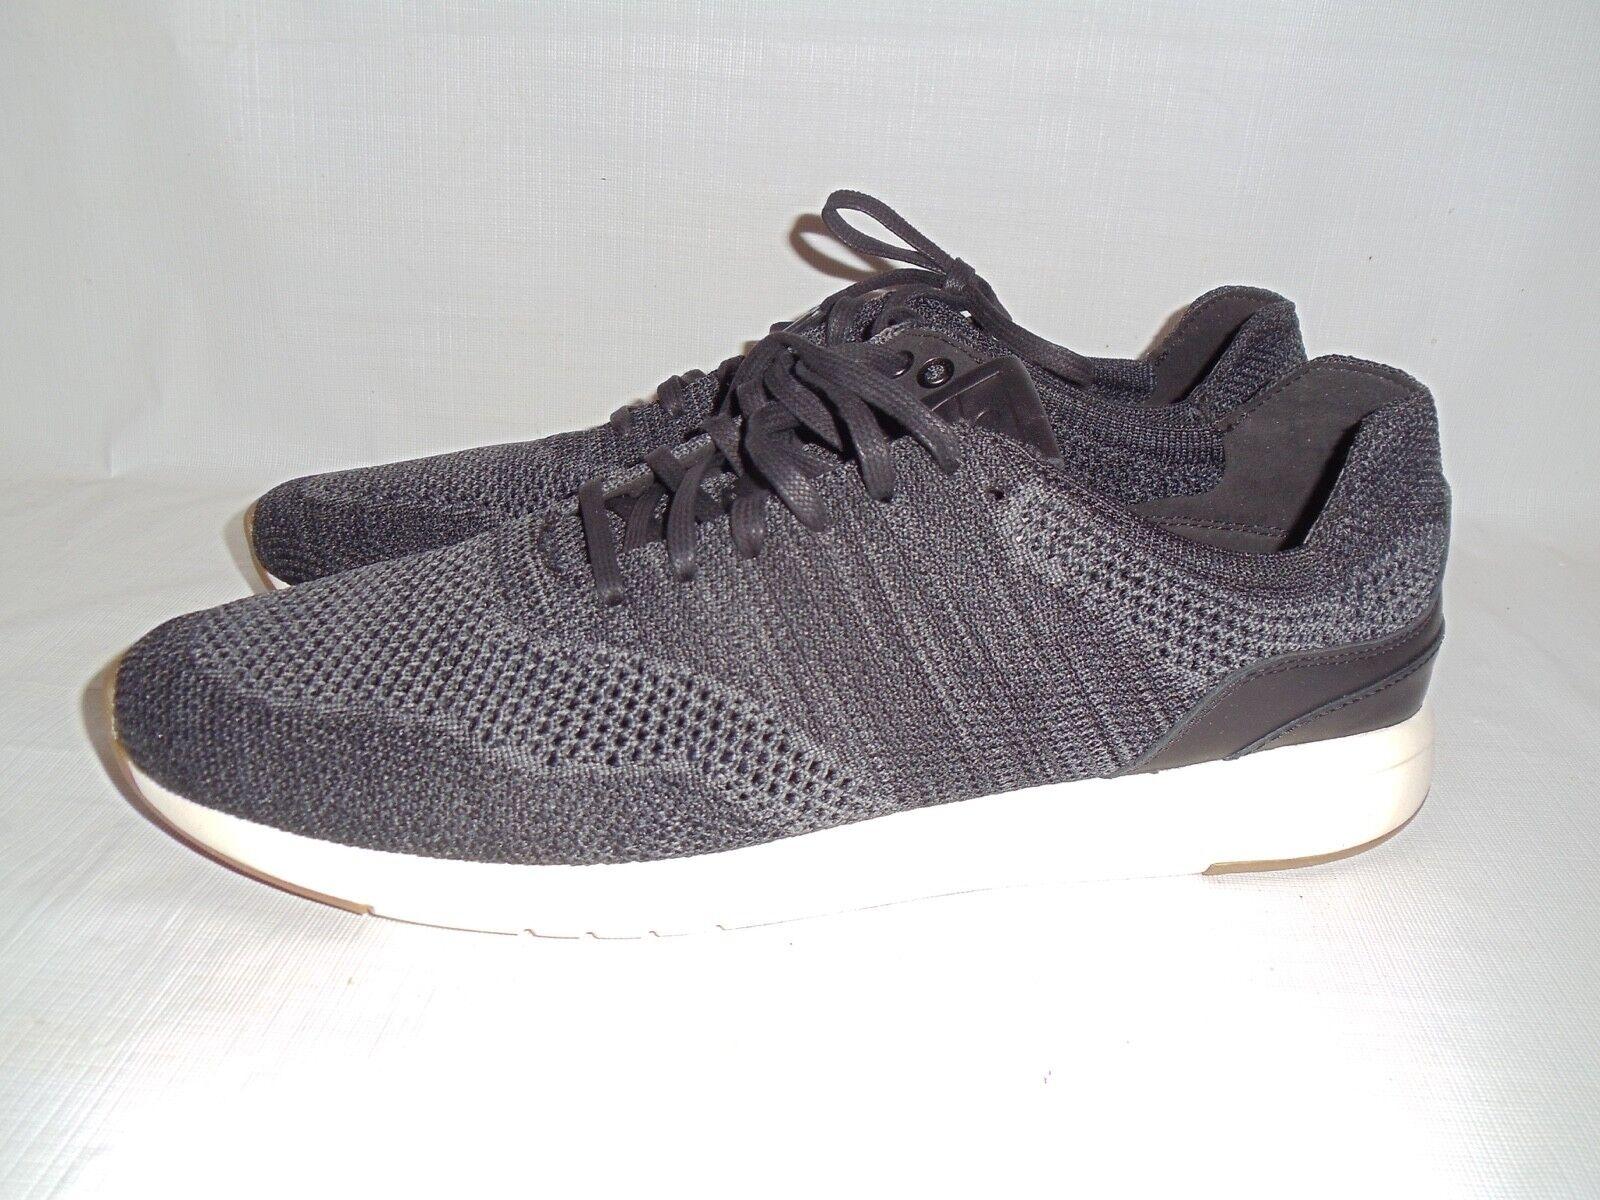 Cole Haan Men's Grandpro Runner Runner Runner Stitchlite Sneaker Black Magnet C27901 NIB SZ.12 221c9e